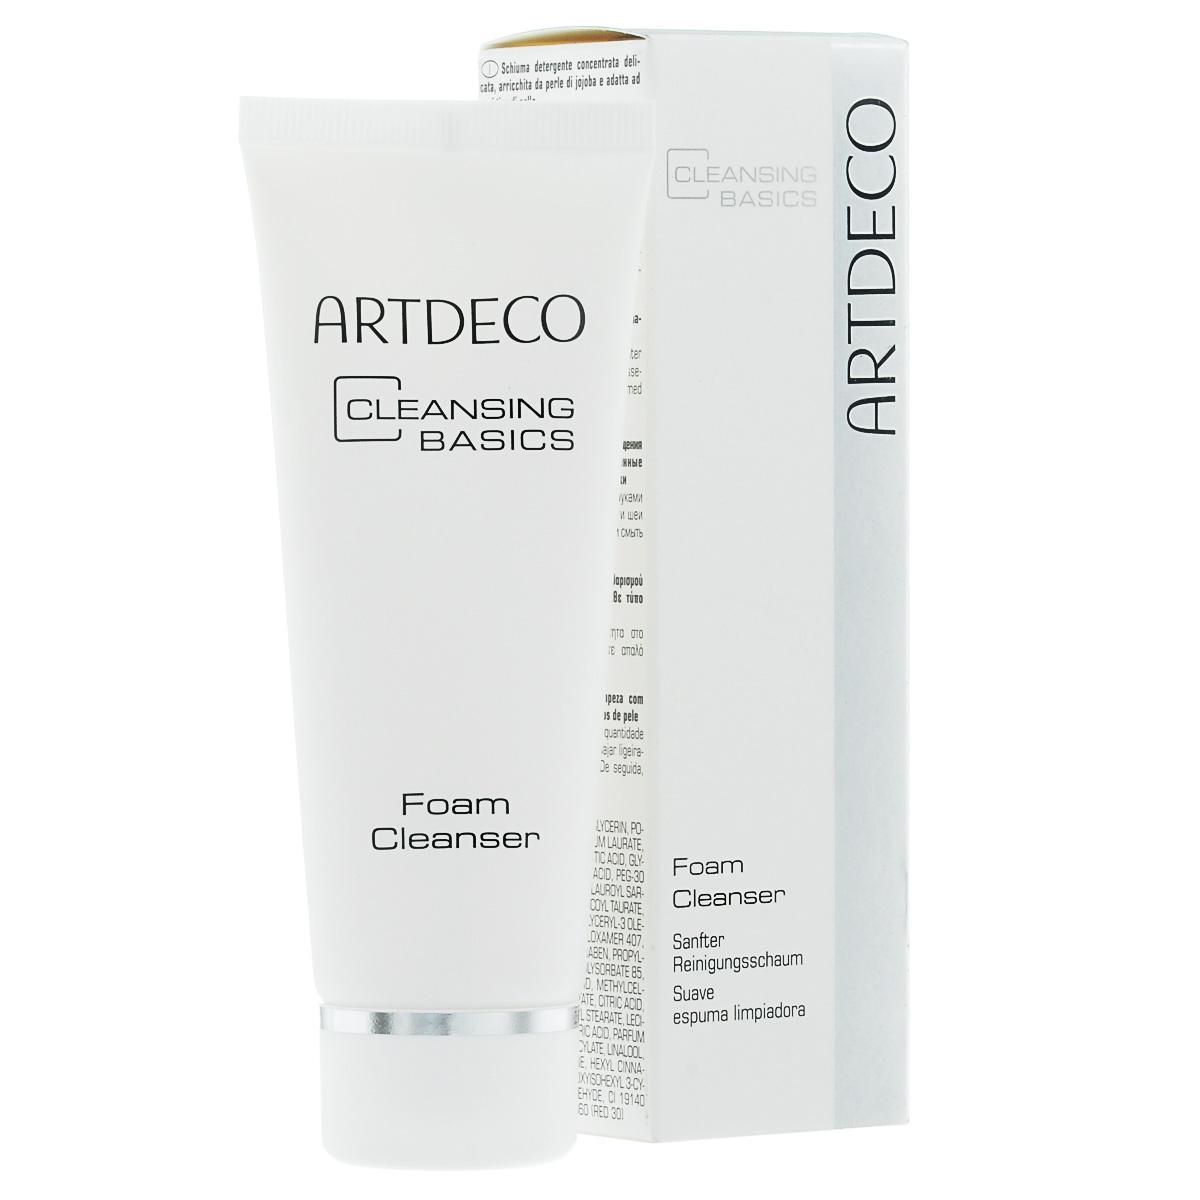 ARTDECO Пенка для умывания Pure Minerals Foam Cleanser, 75 мл воздушная пенка для умывания micro foam cleanser 200 мл steblanc cleanser